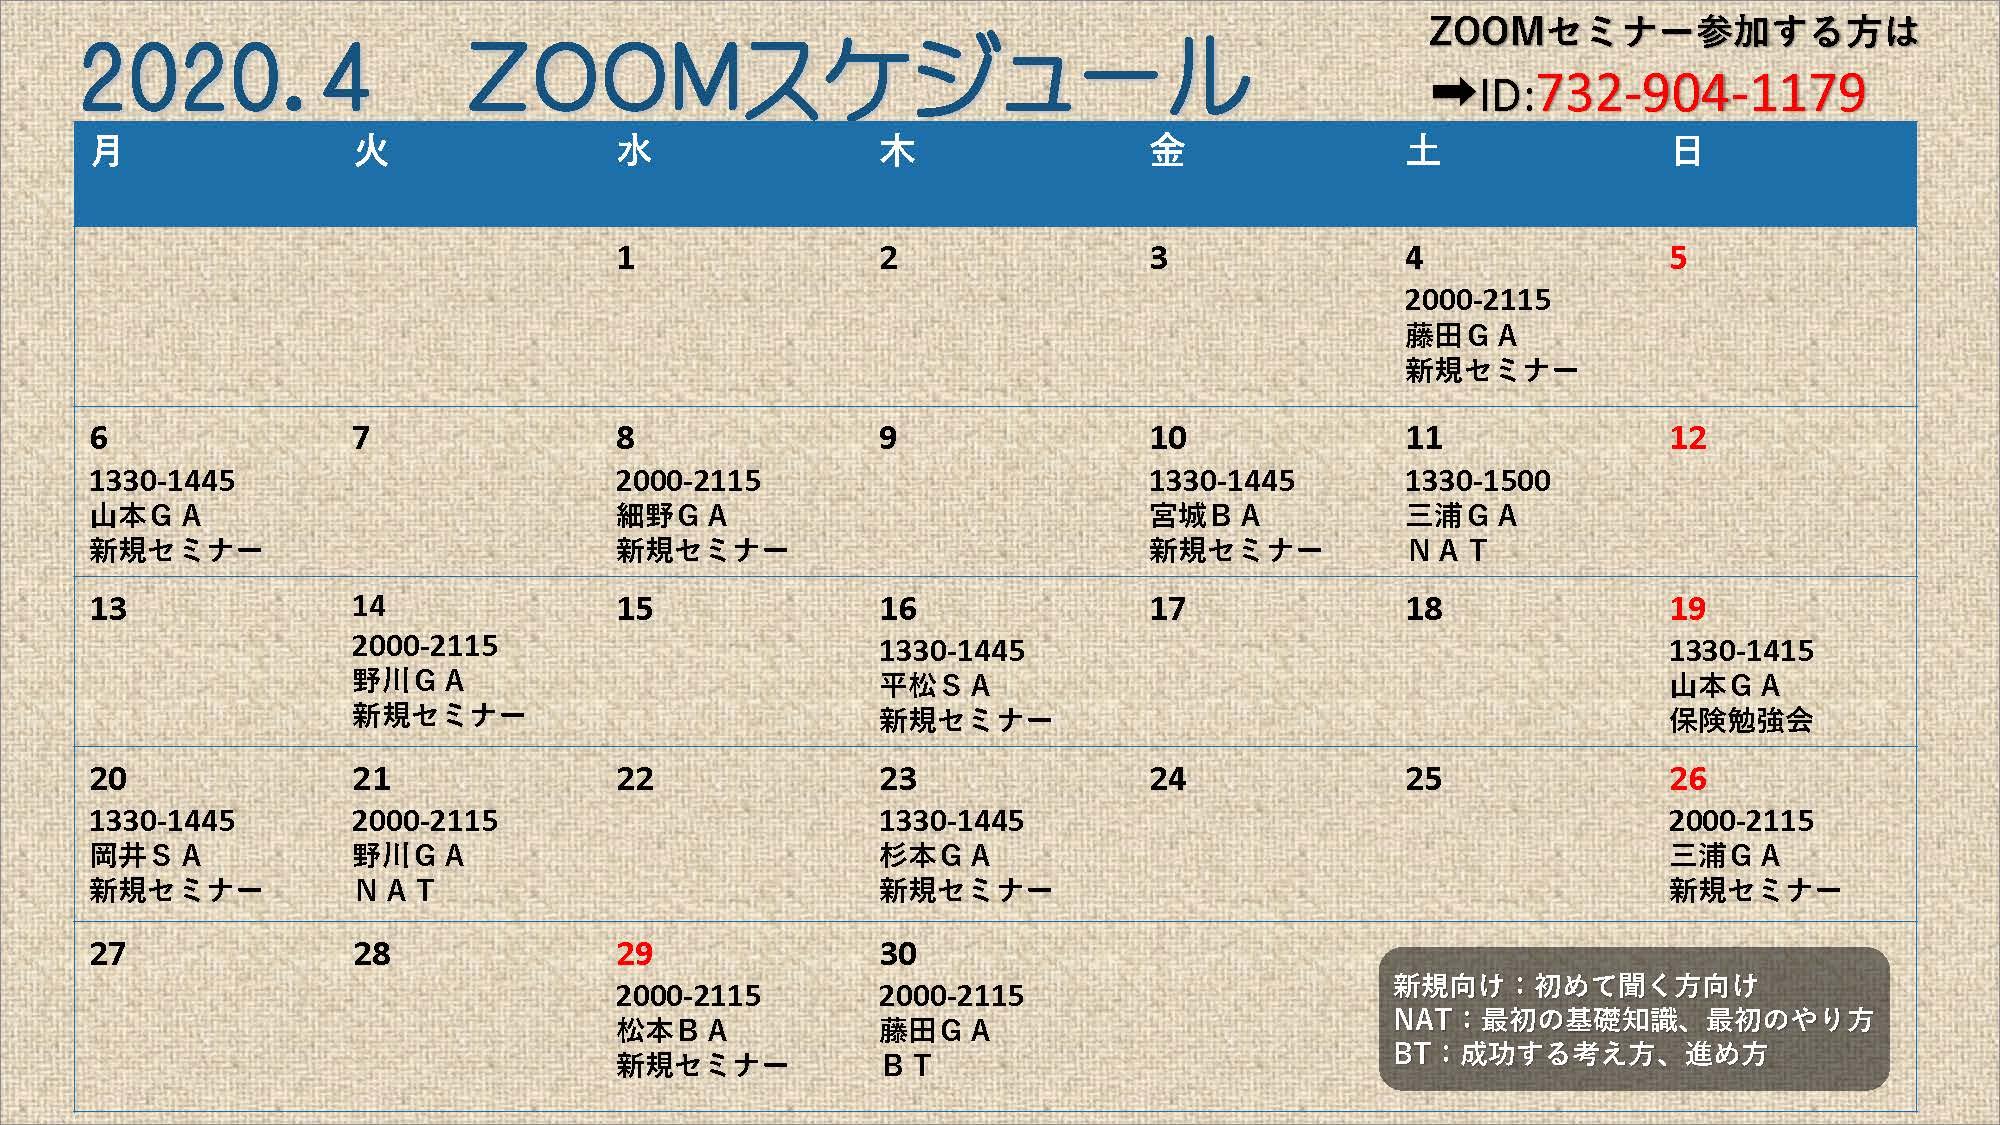 ZOOMスケジュール2020年4月